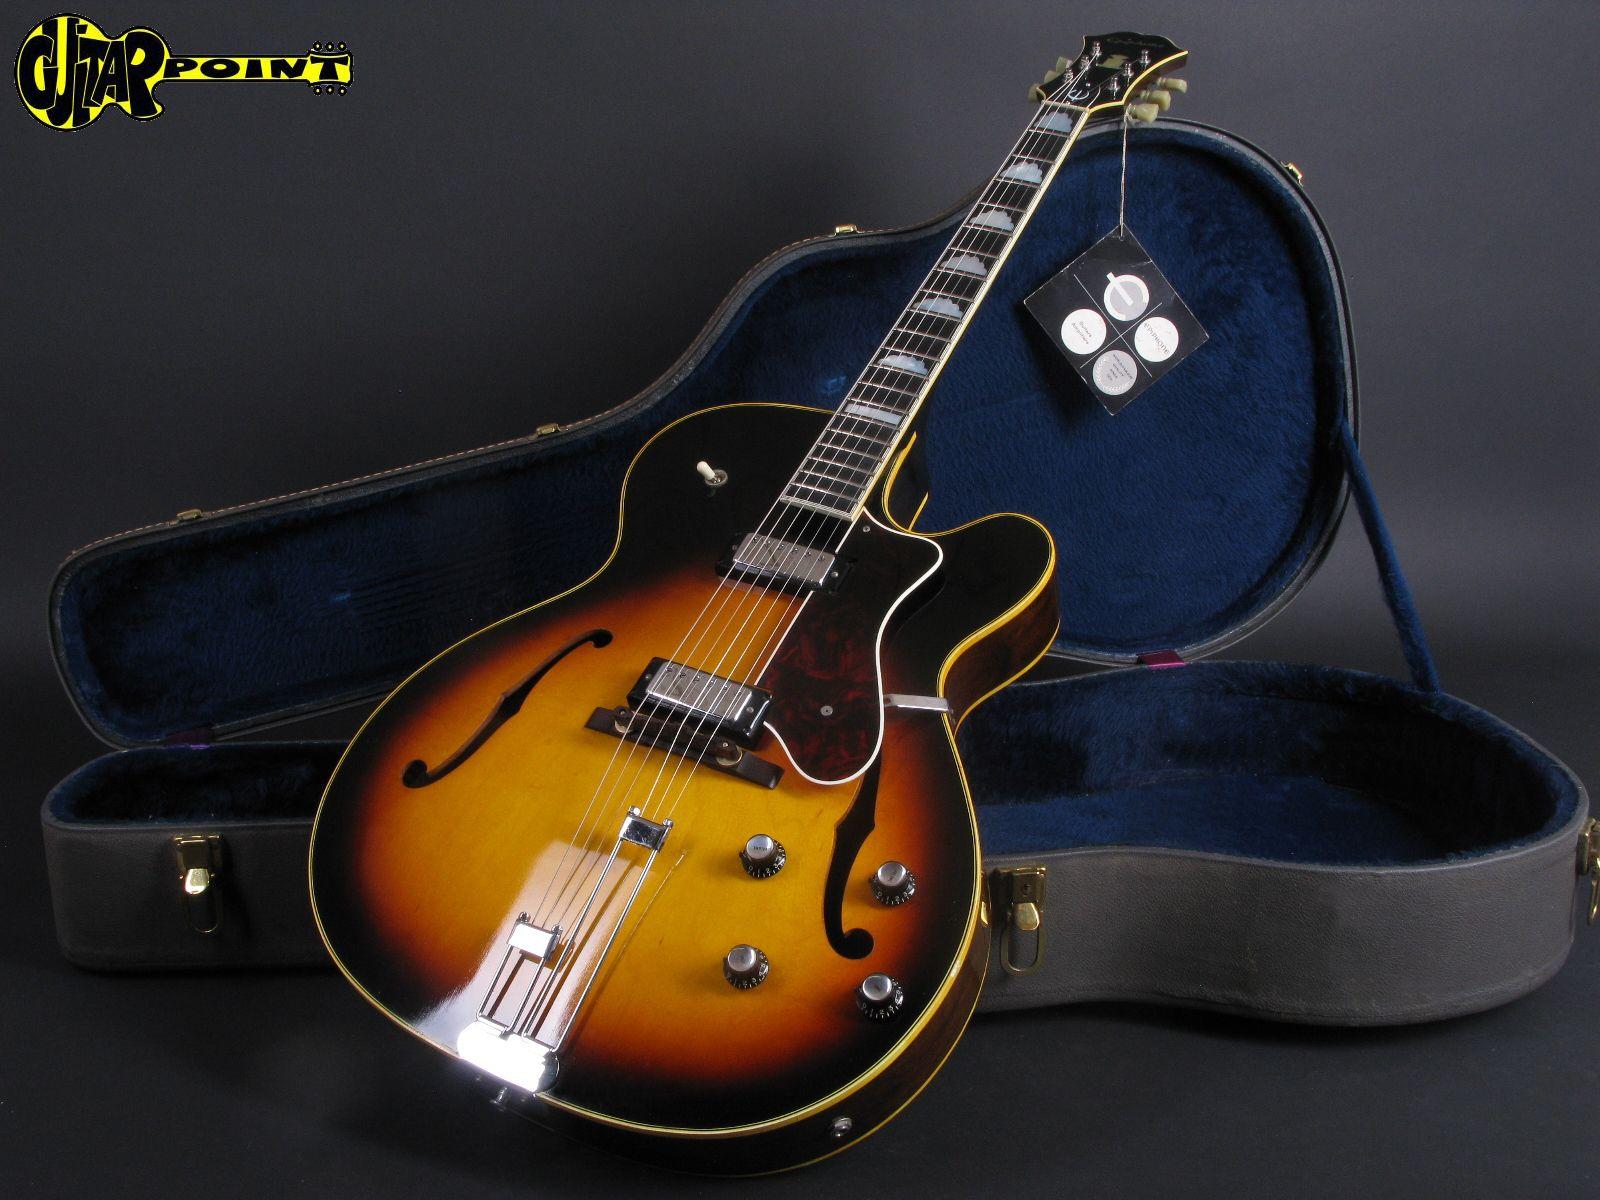 epiphone broadway 1966 sunburst guitar for sale guitarpoint. Black Bedroom Furniture Sets. Home Design Ideas